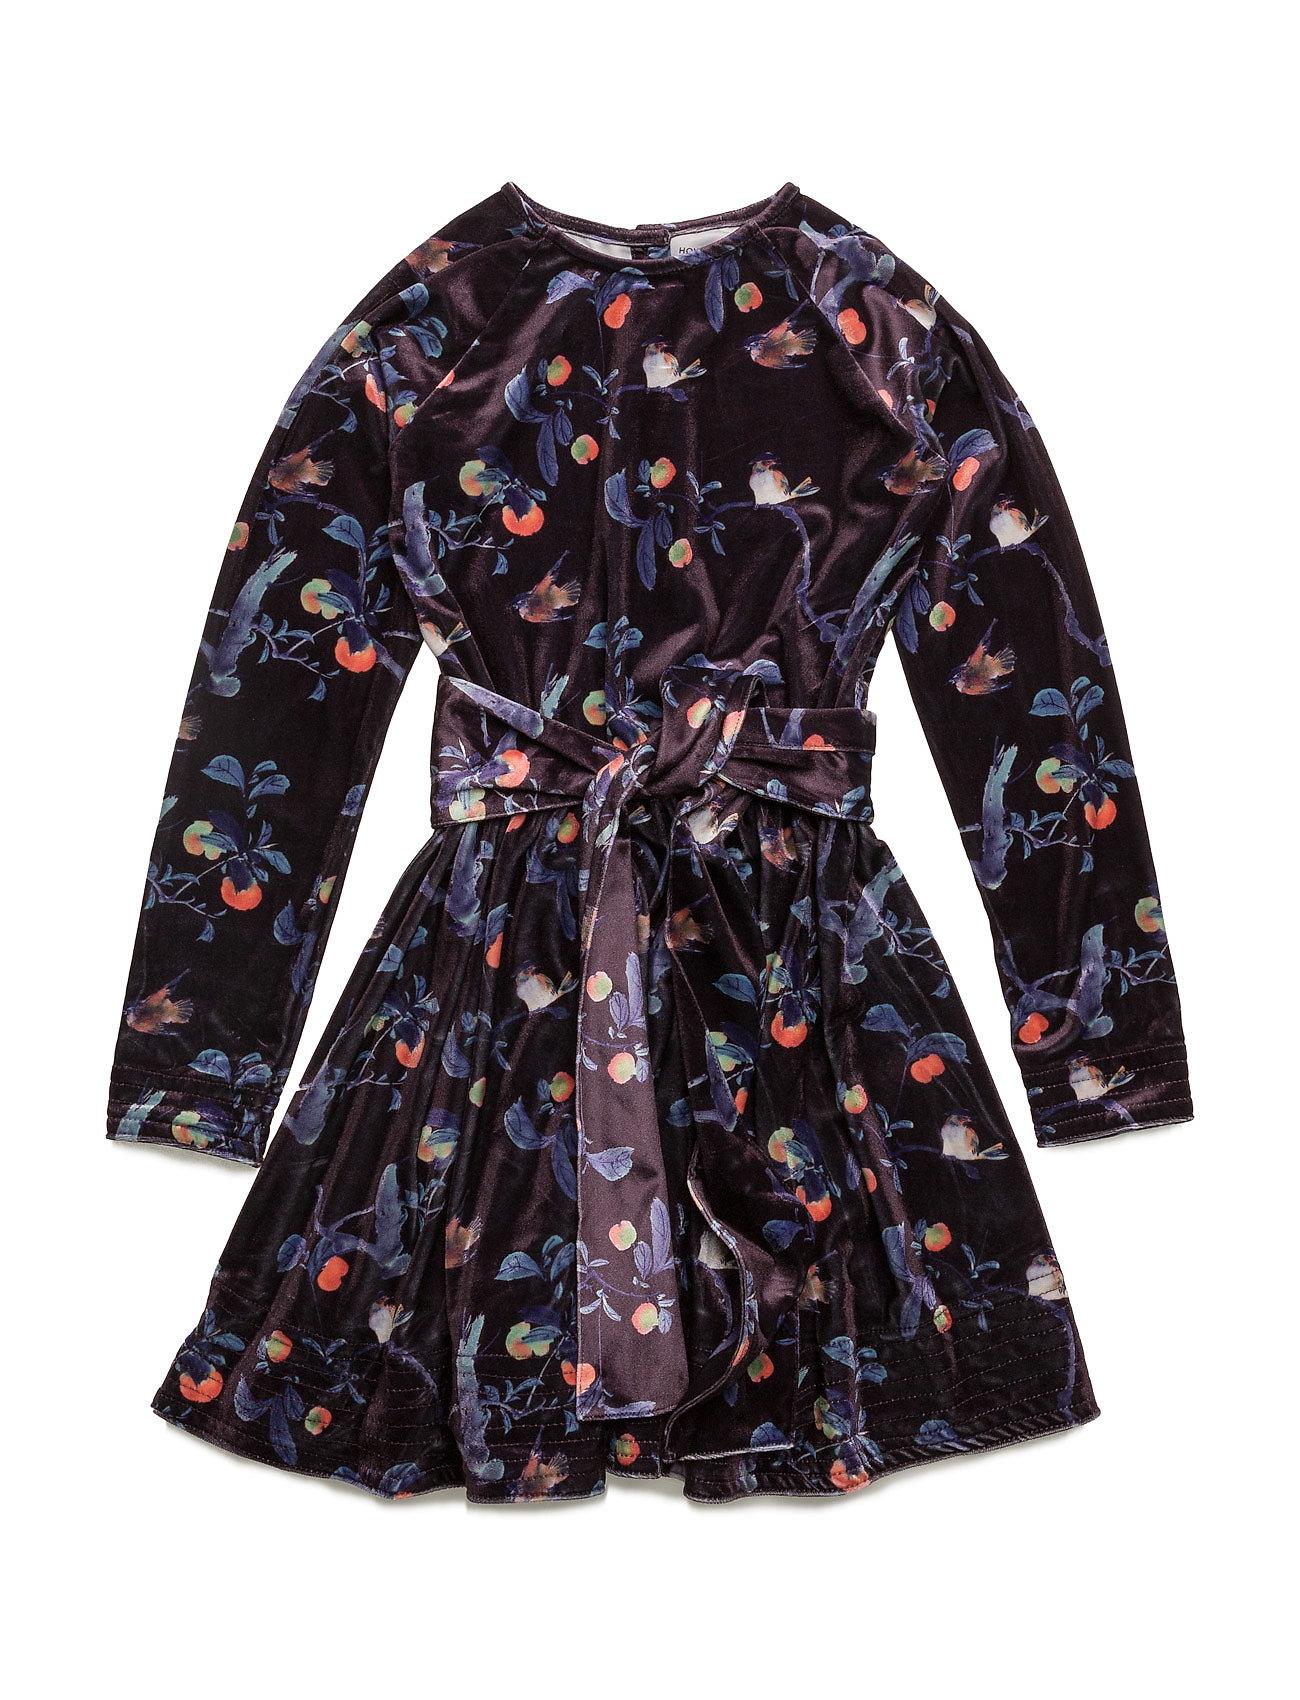 4de9d002e9e Adele Dress Velvet How to kiss a frog Kjoler til Børn i ...